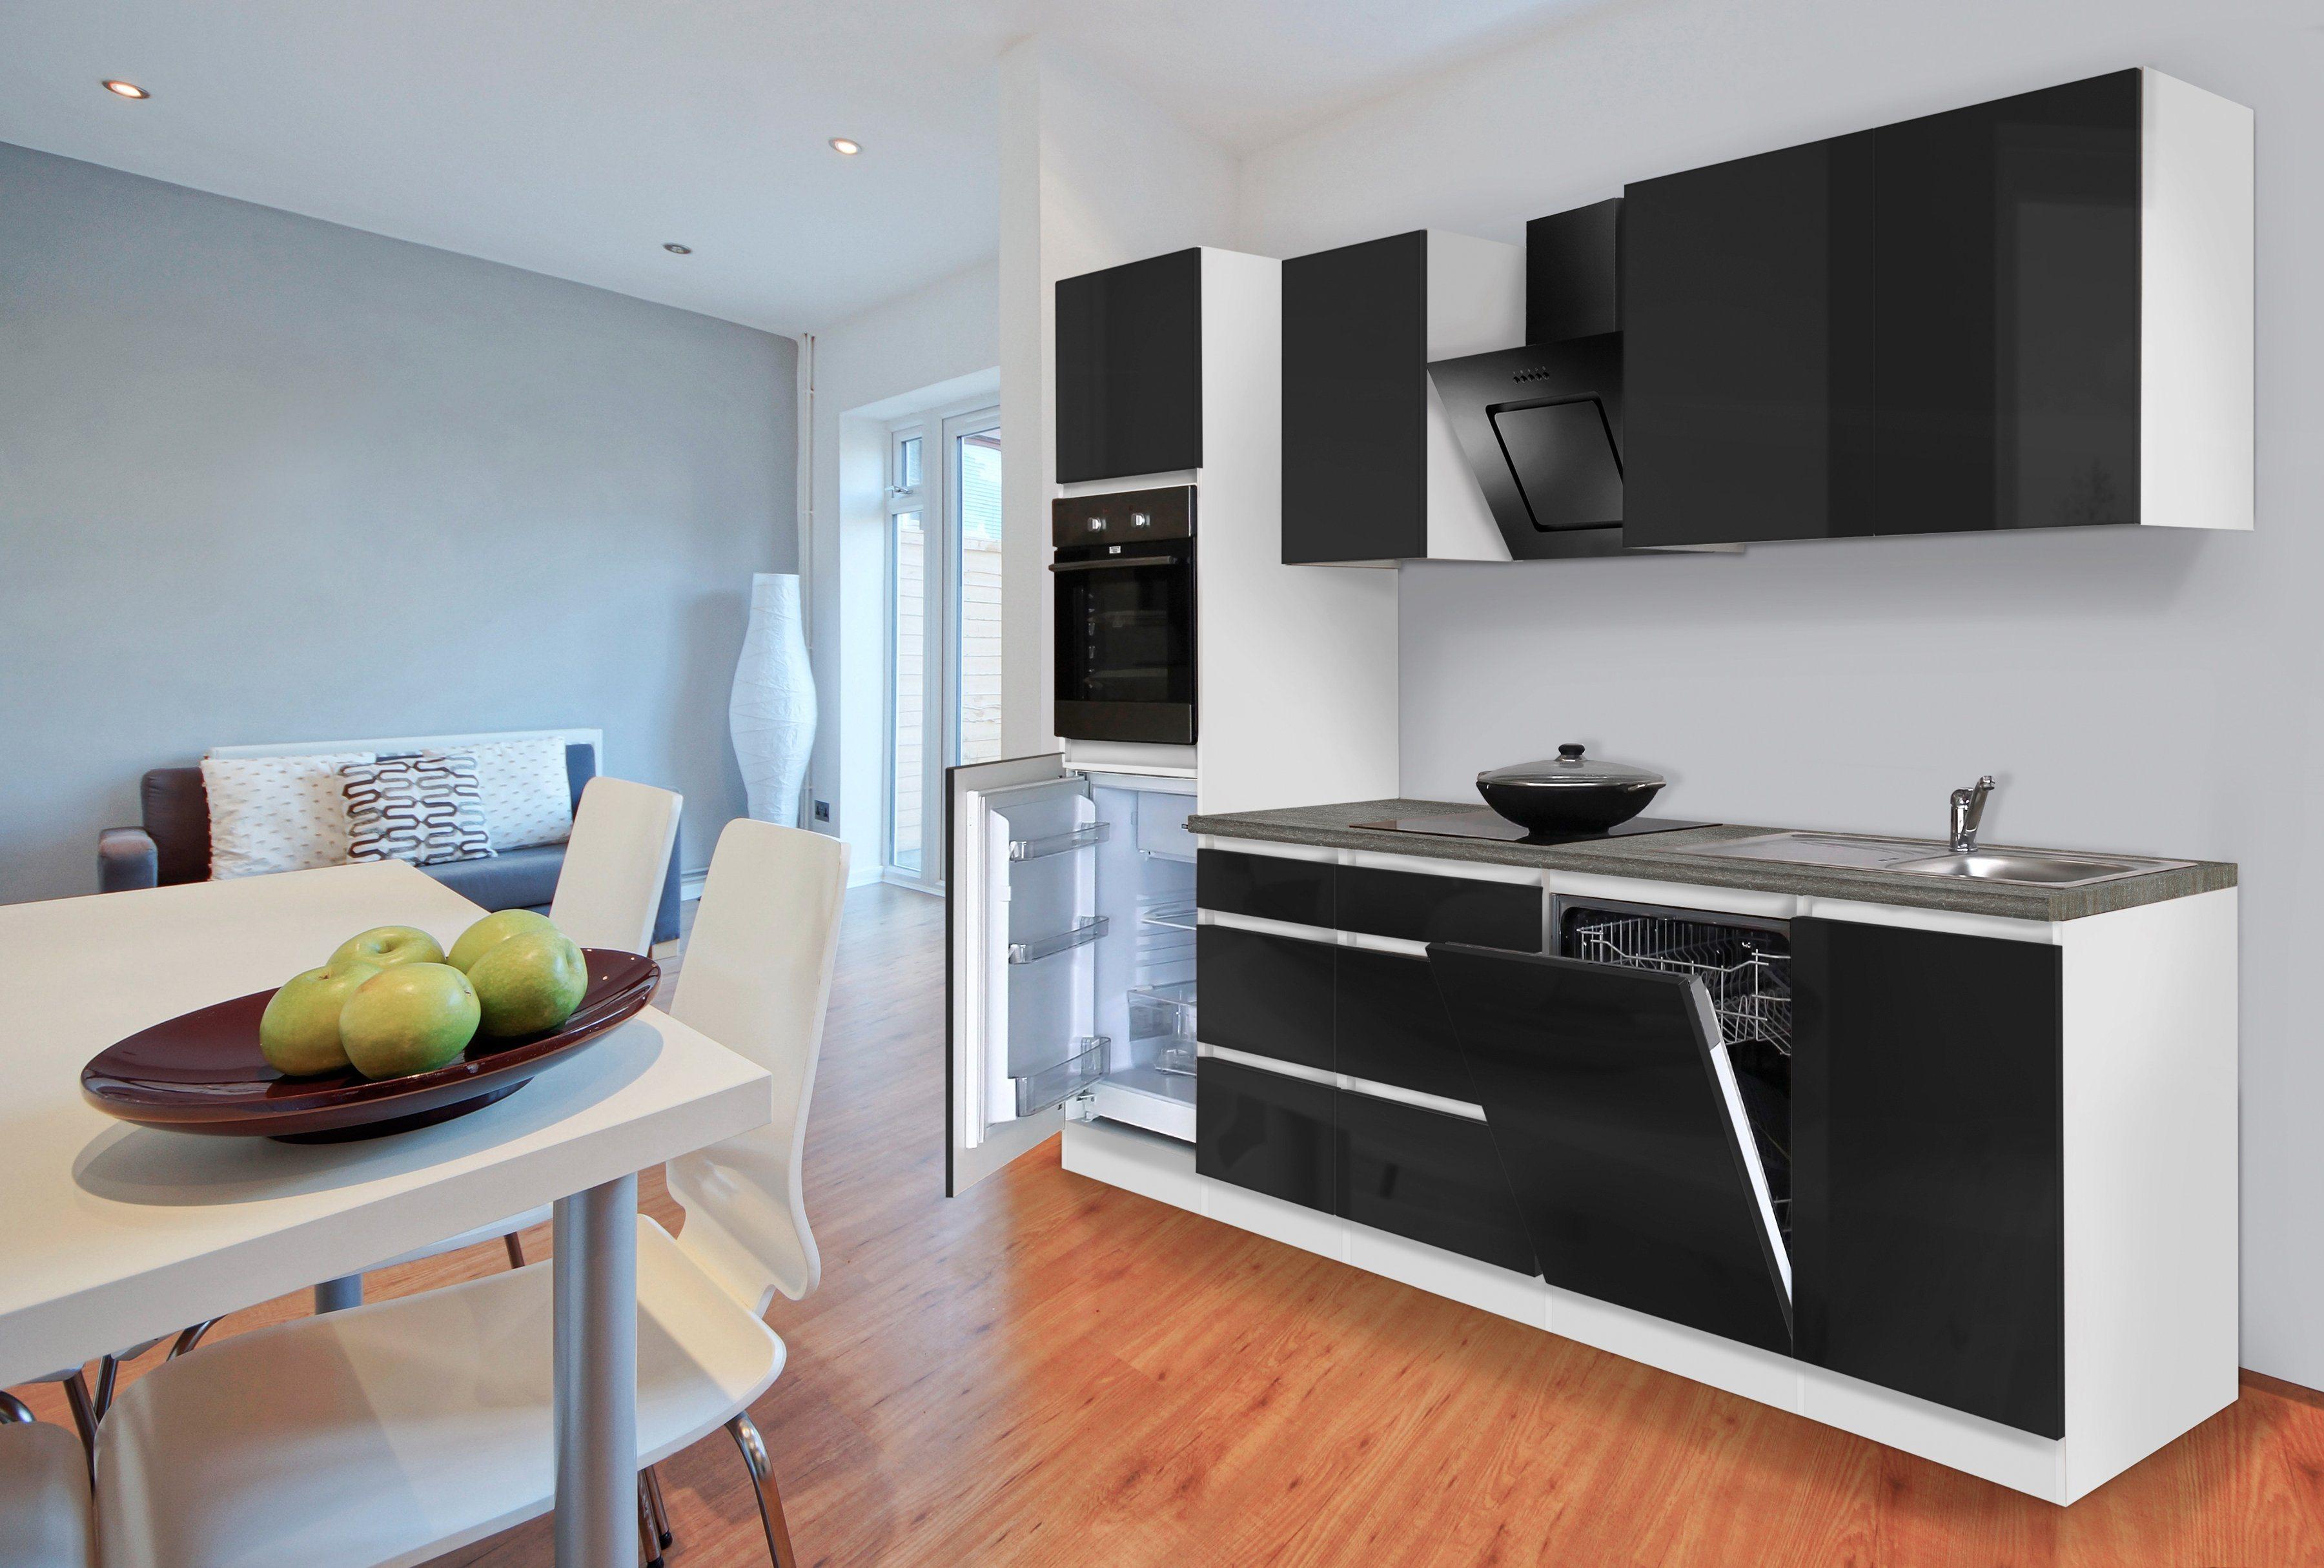 Wunderbar Artego Küchen Sammlung Von Respekta Küchenzeile Mit E-geräten »bostonÂ«, Breite 280